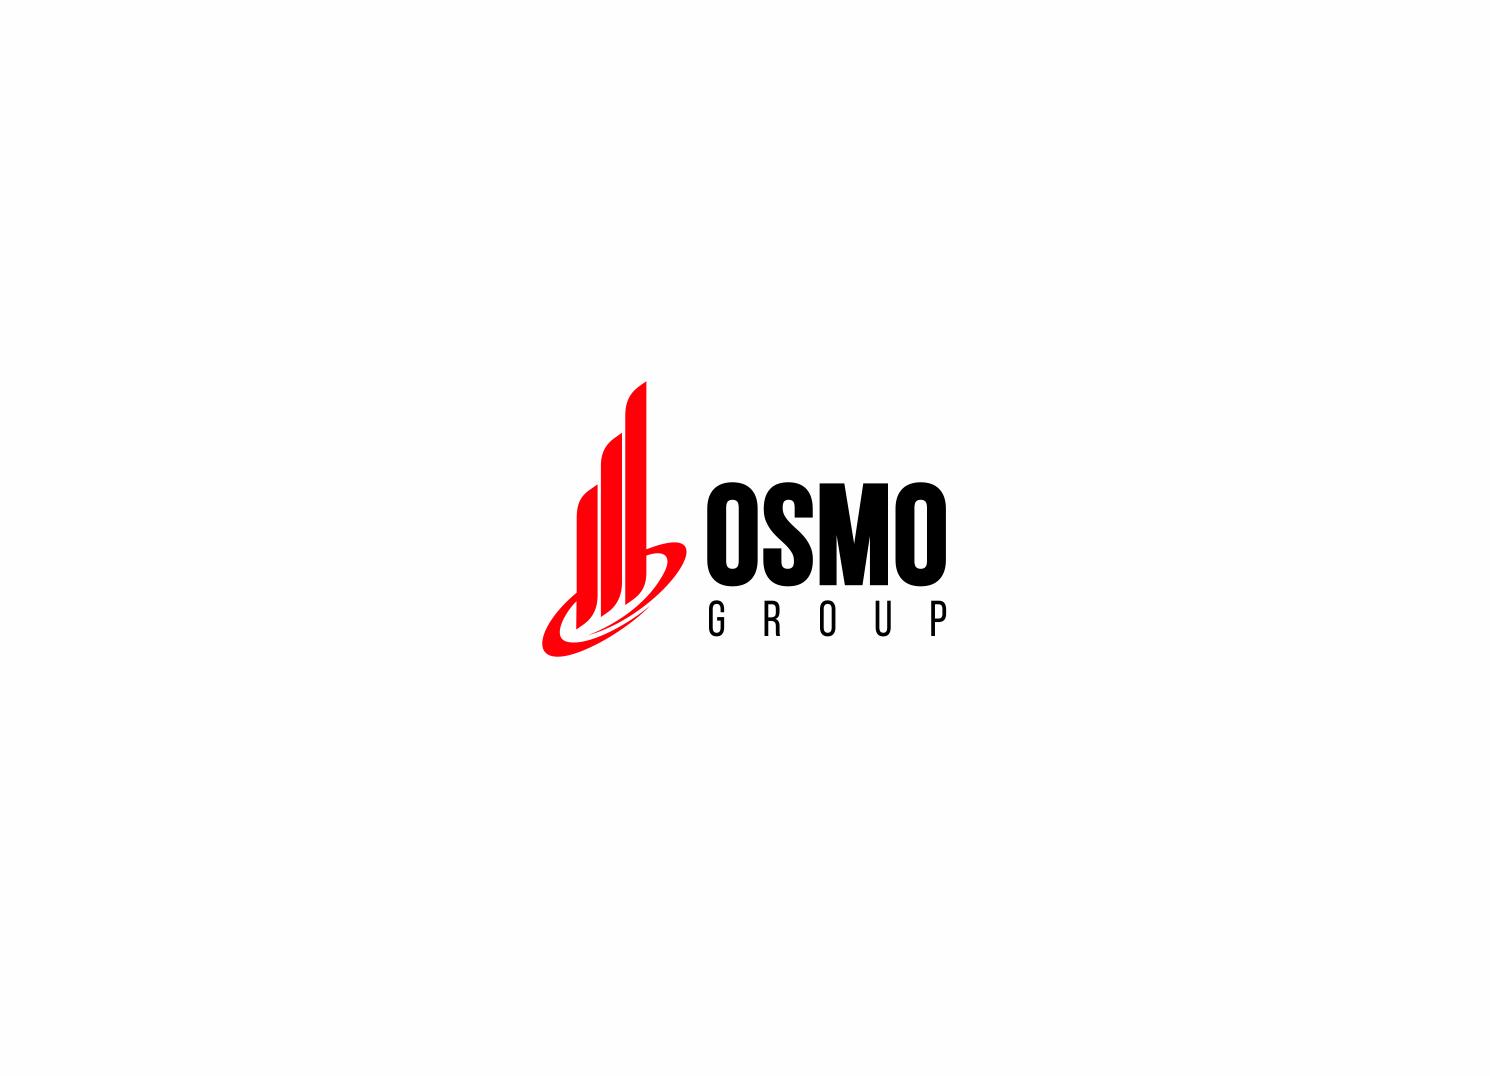 Создание логотипа для строительной компании OSMO group  фото f_88659b6379f498e9.png